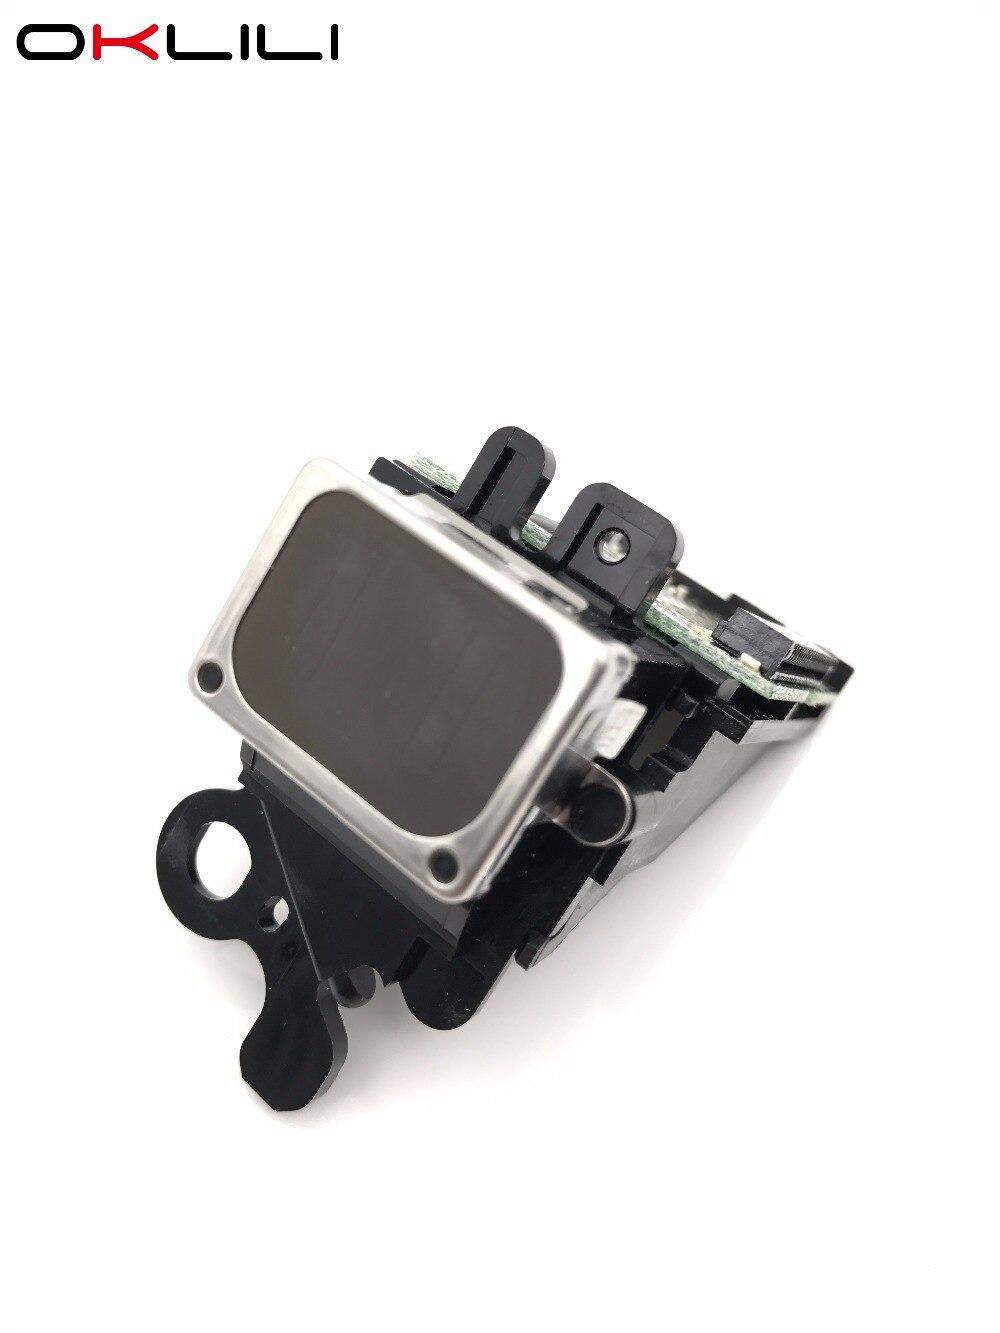 F056030 F056010 NOIR Tête D'impression Imprimante Tête D'impression pour Epson DX2 Couleur 1520 1520 K 3000 800 800N PRO 5000 7000 7500 9500 9000